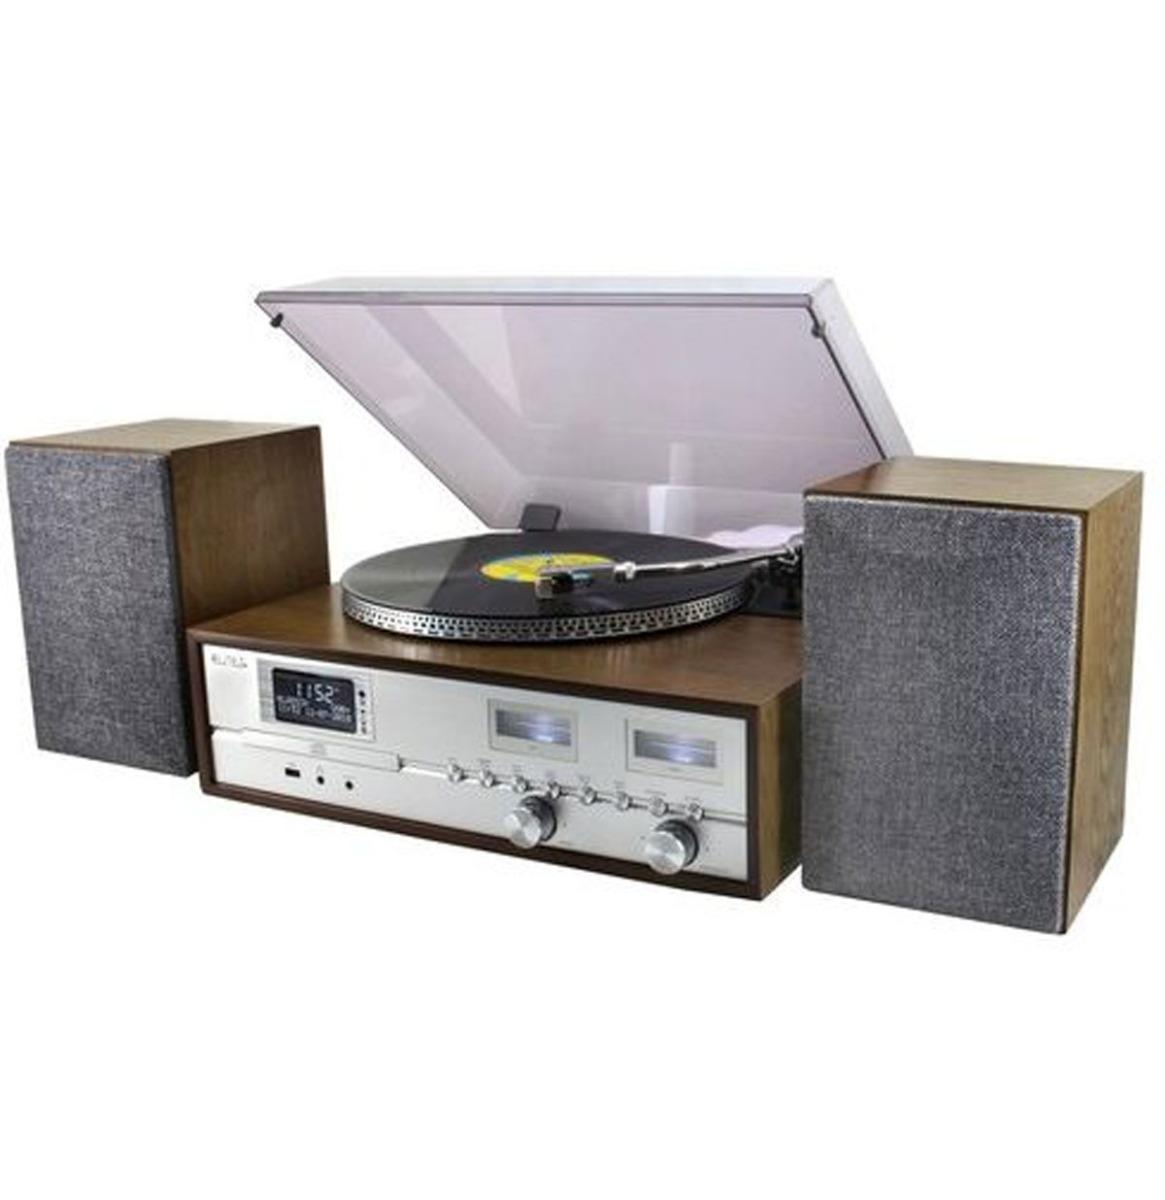 Soundmaster Elite PL880 Platenspeler Met DAB+ Radio En Bluetooth